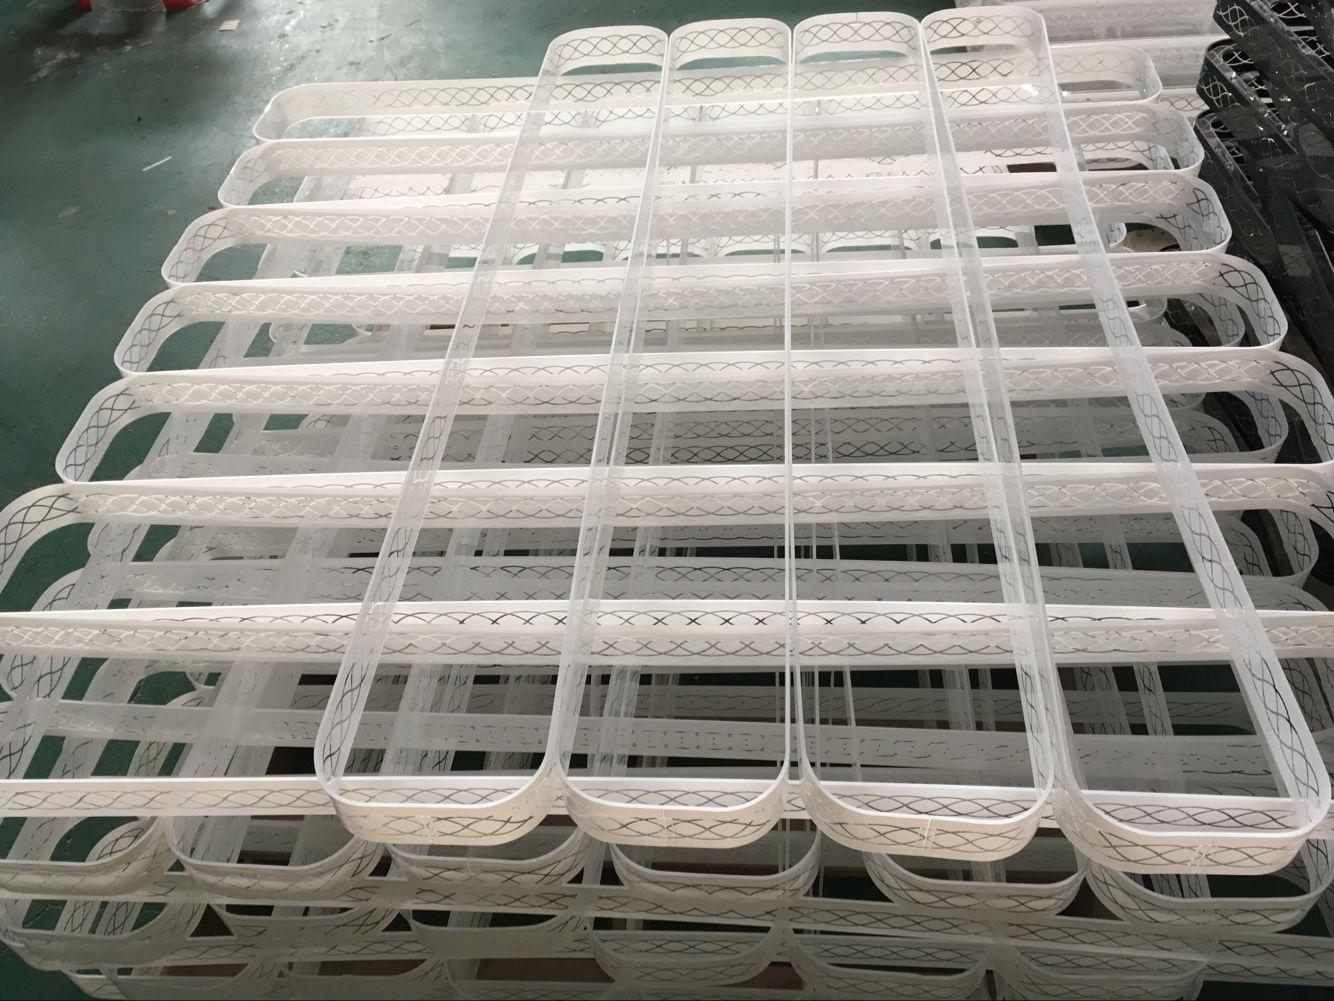 克力吸顶灯灯罩供应商-- 中山市翔鸿亚克力工艺制品有限公司